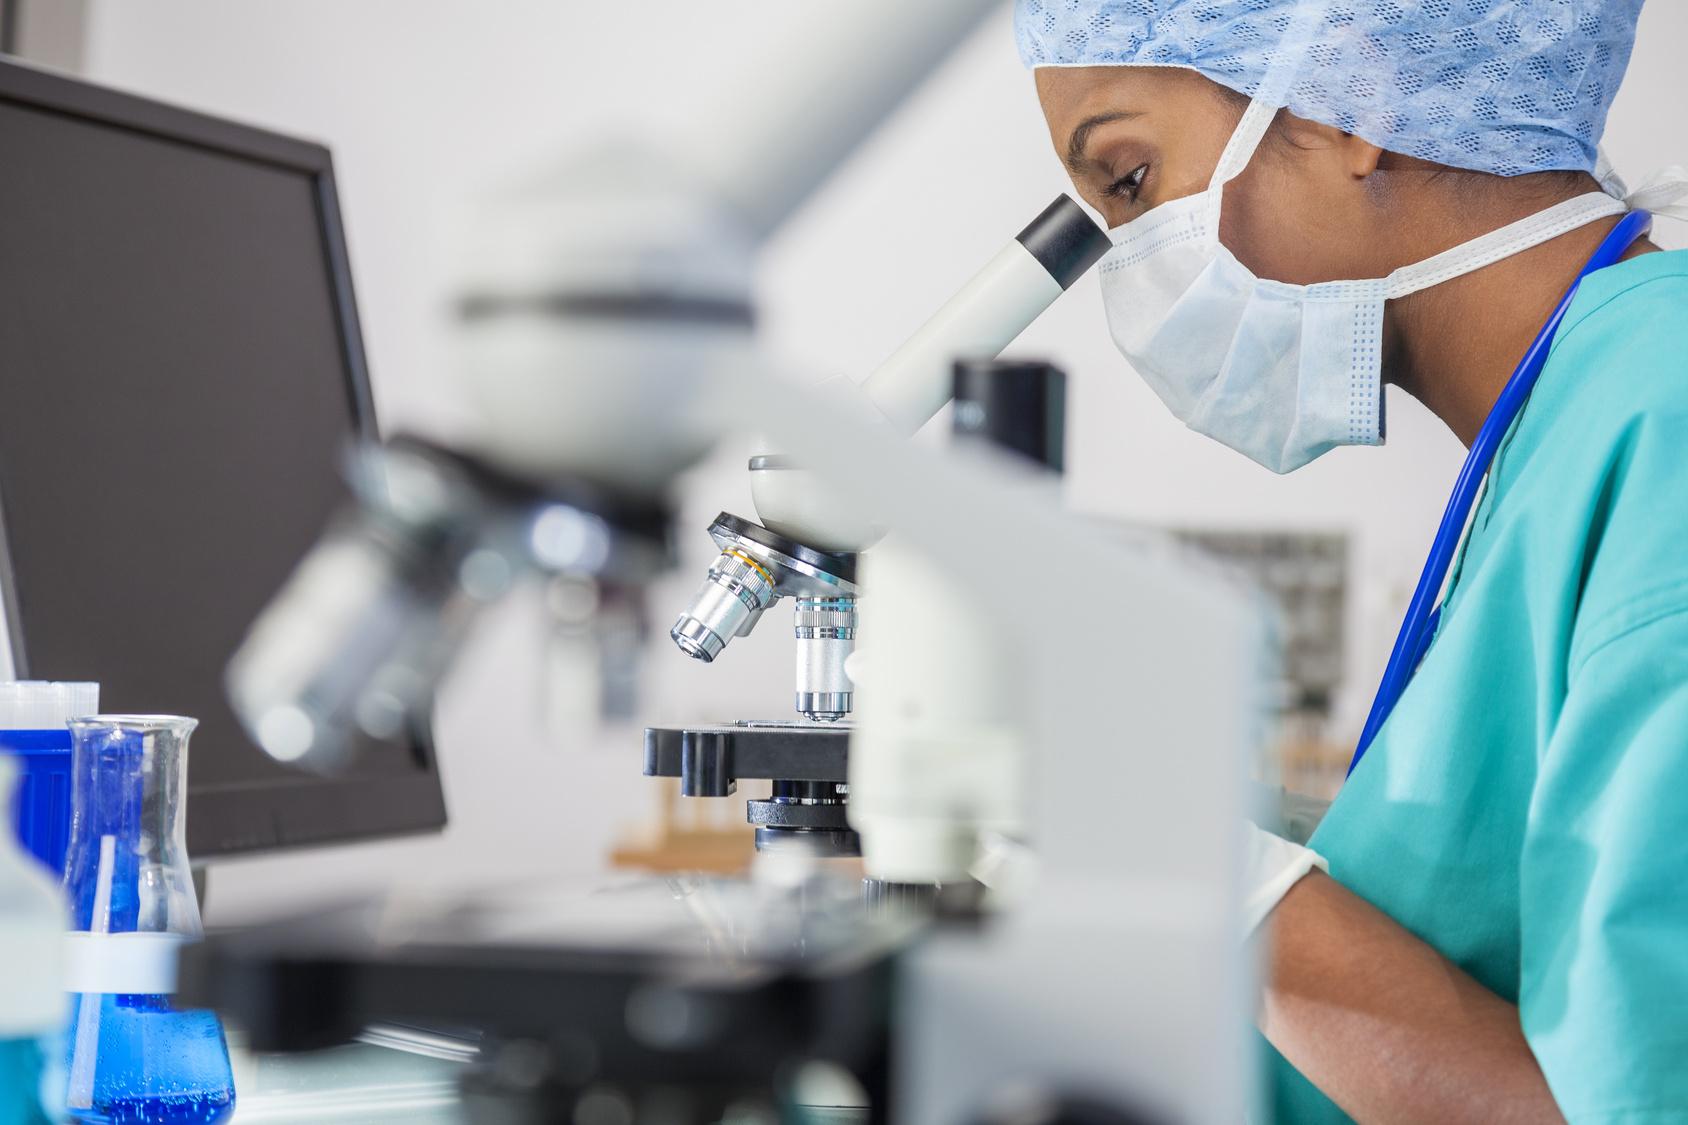 Kobieta w laboratorium sprawdza próbkę pod mikroskopem